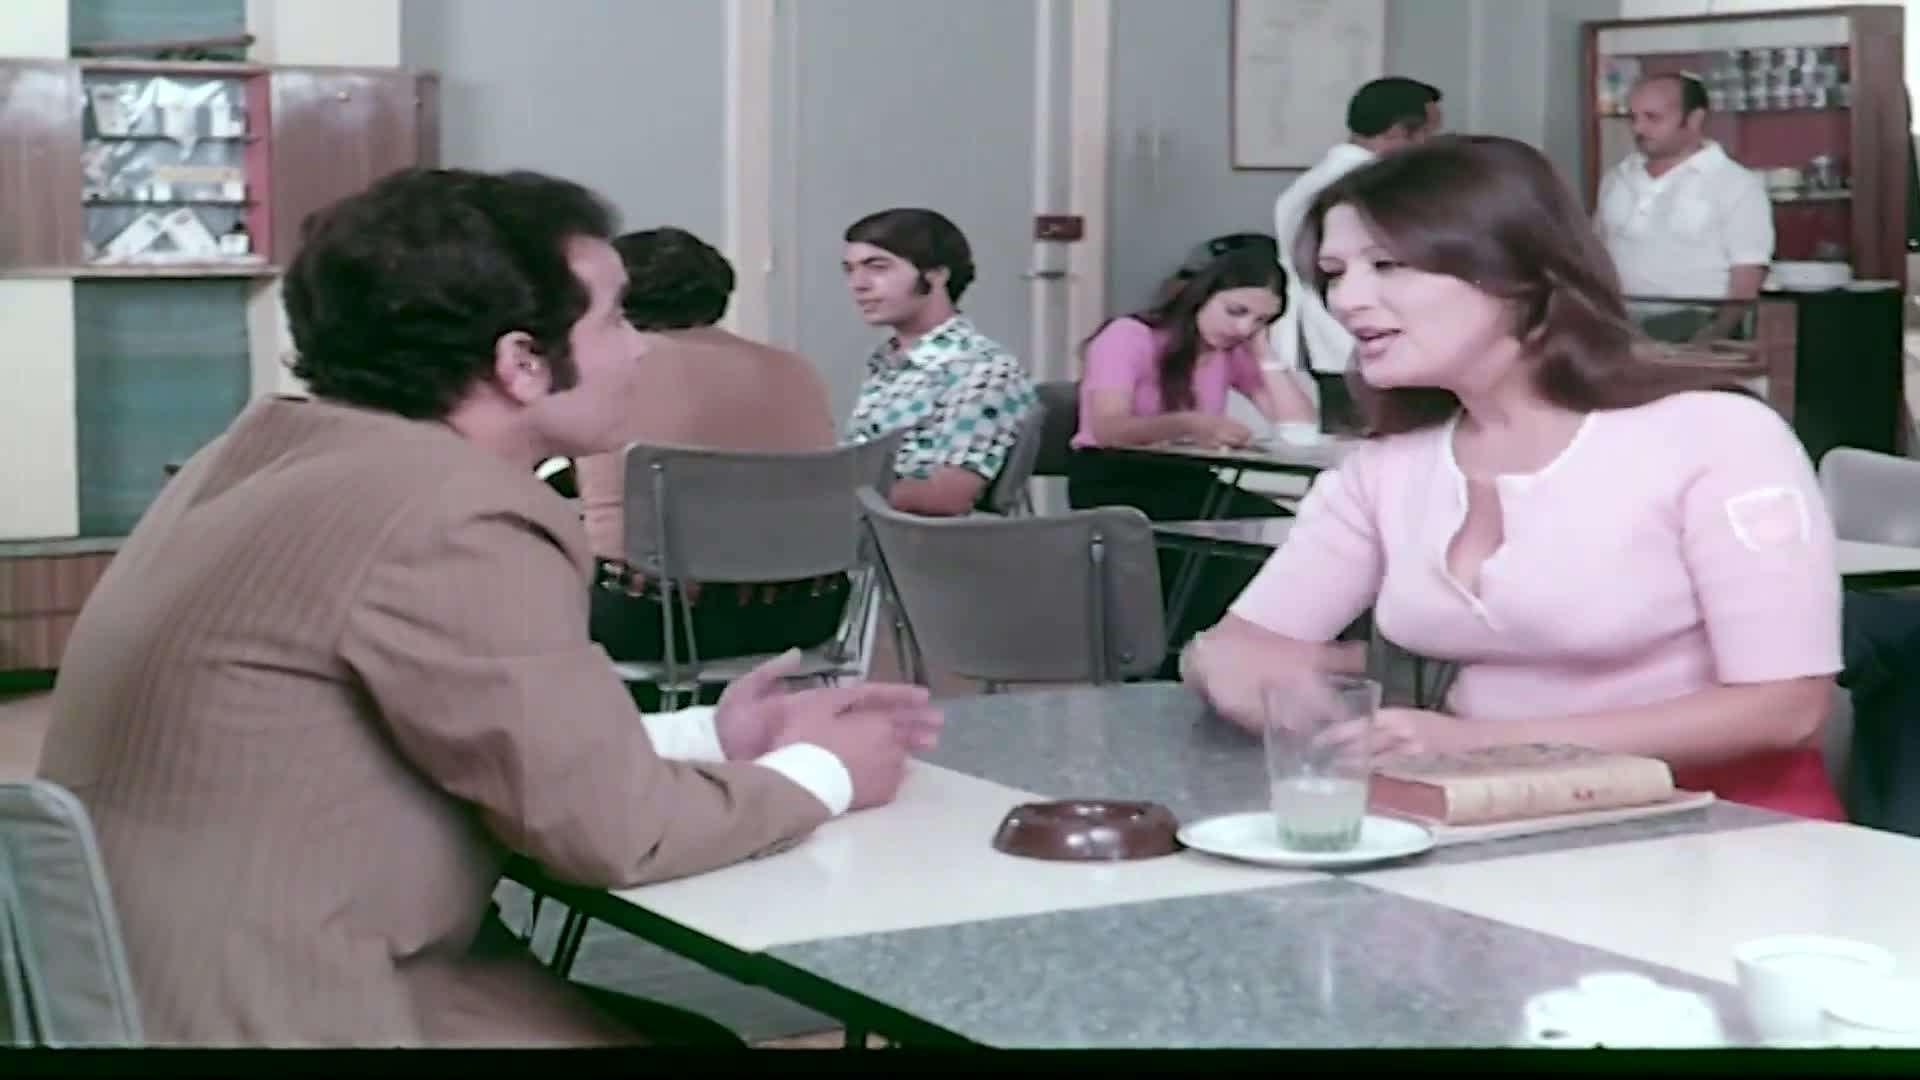 [فيلم][تورنت][تحميل][الجبان والحب][1975][1080p][Web-DL] 8 arabp2p.com